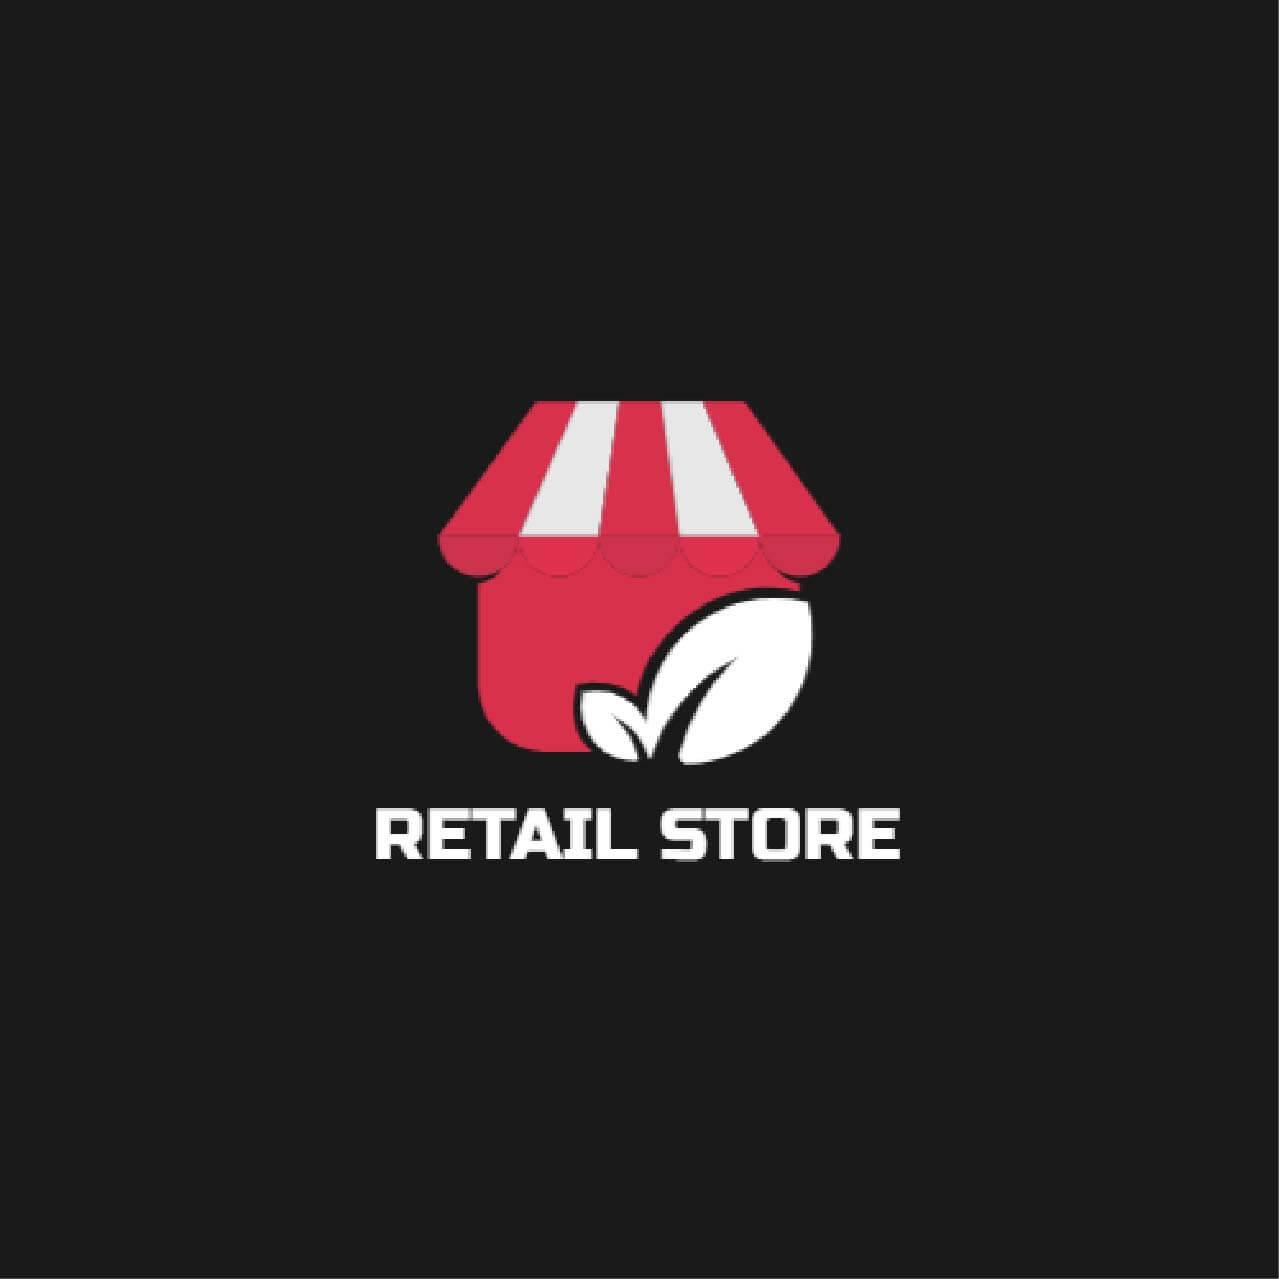 Store logo maker